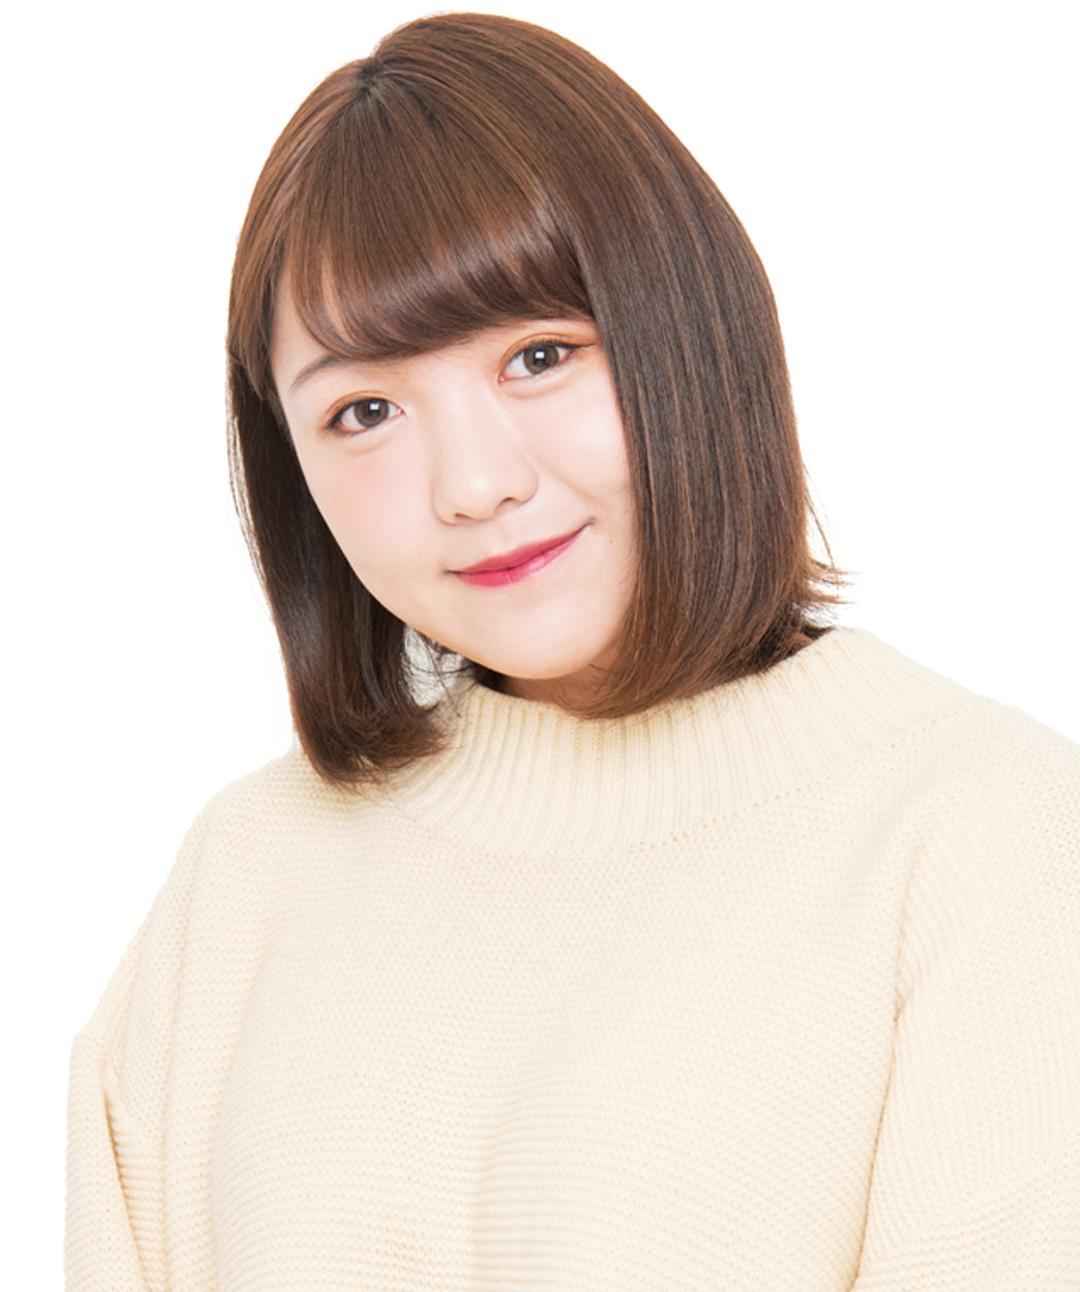 祝♡ 新加入! 5期生のブログをまとめてチェック【カワイイ選抜】_1_13-7